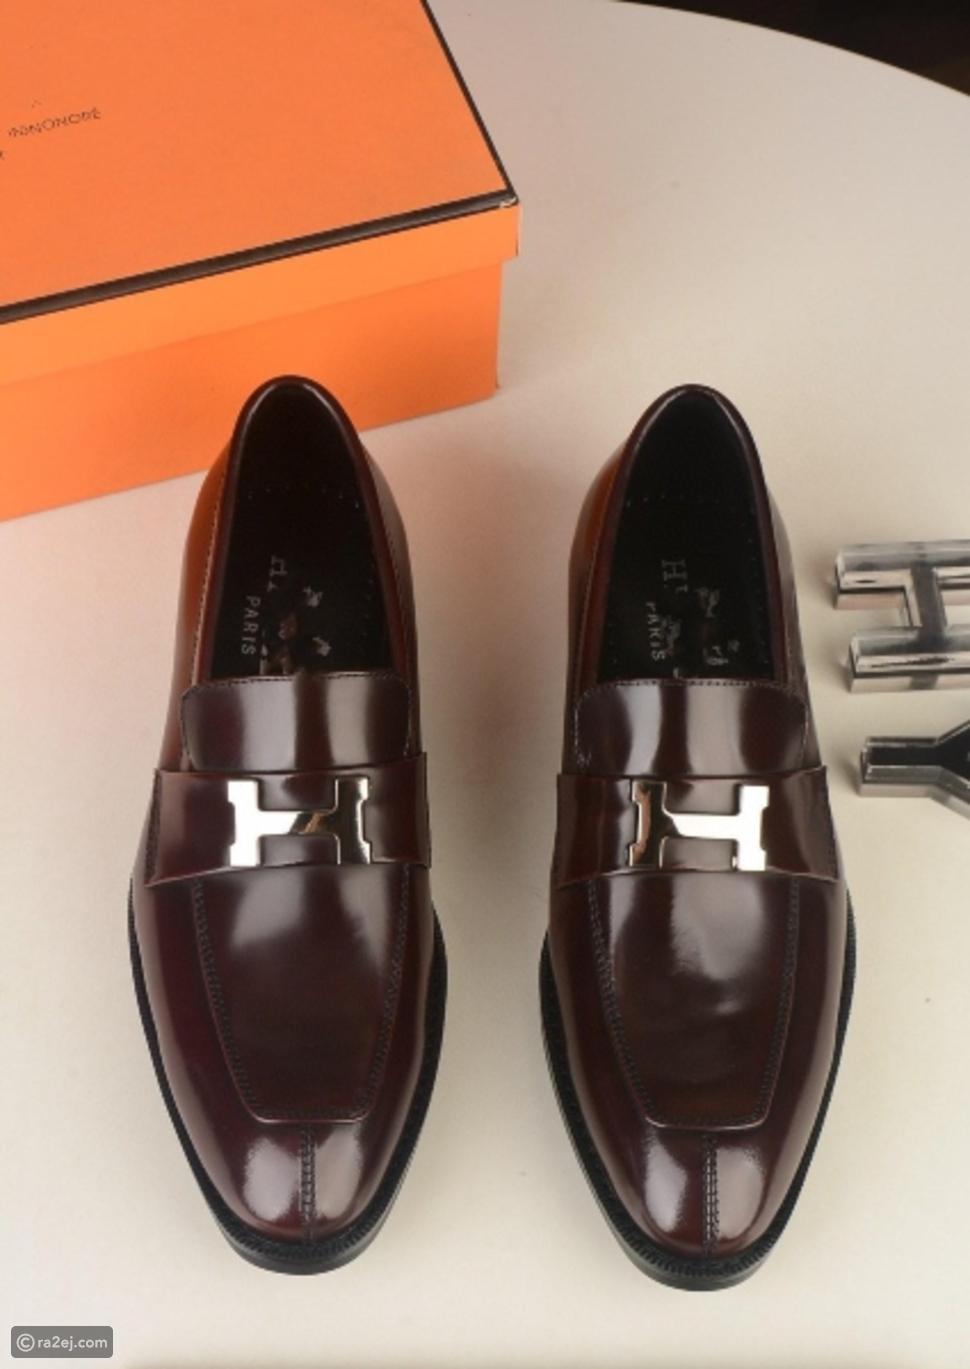 تعرف على سمات شخصيتك من نوع حذائك المفضل